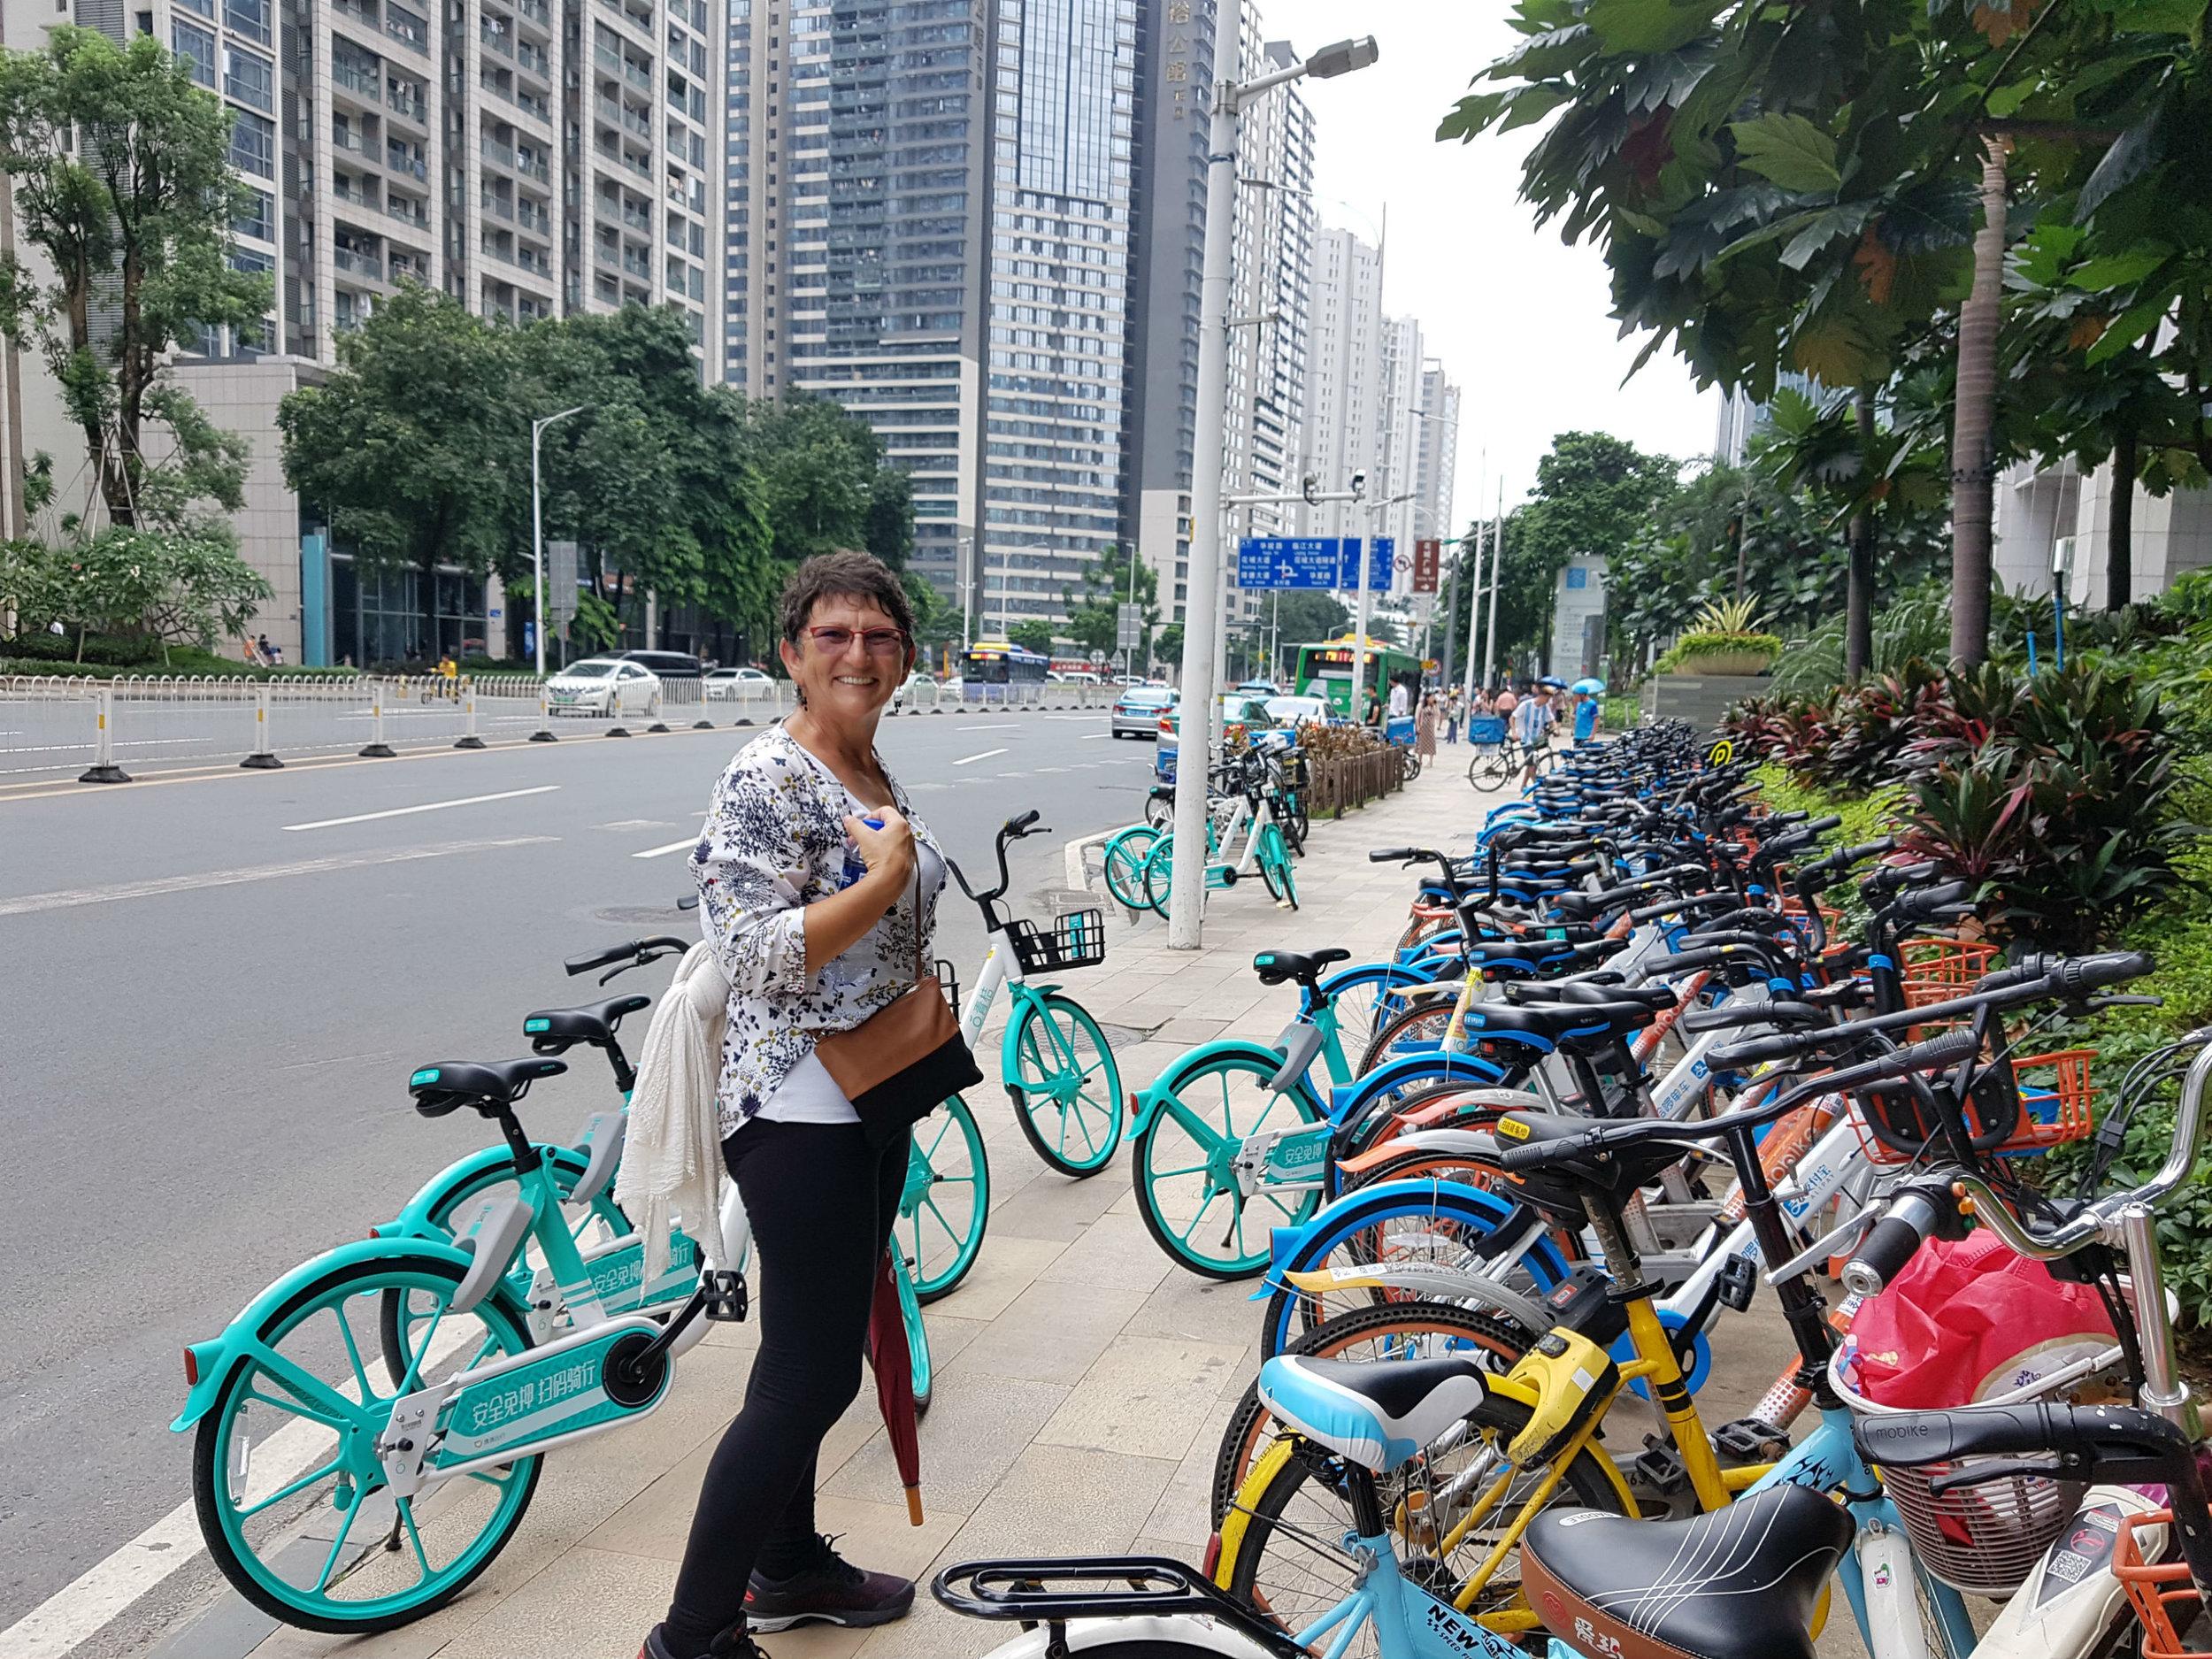 Bike rental in Guangzhou